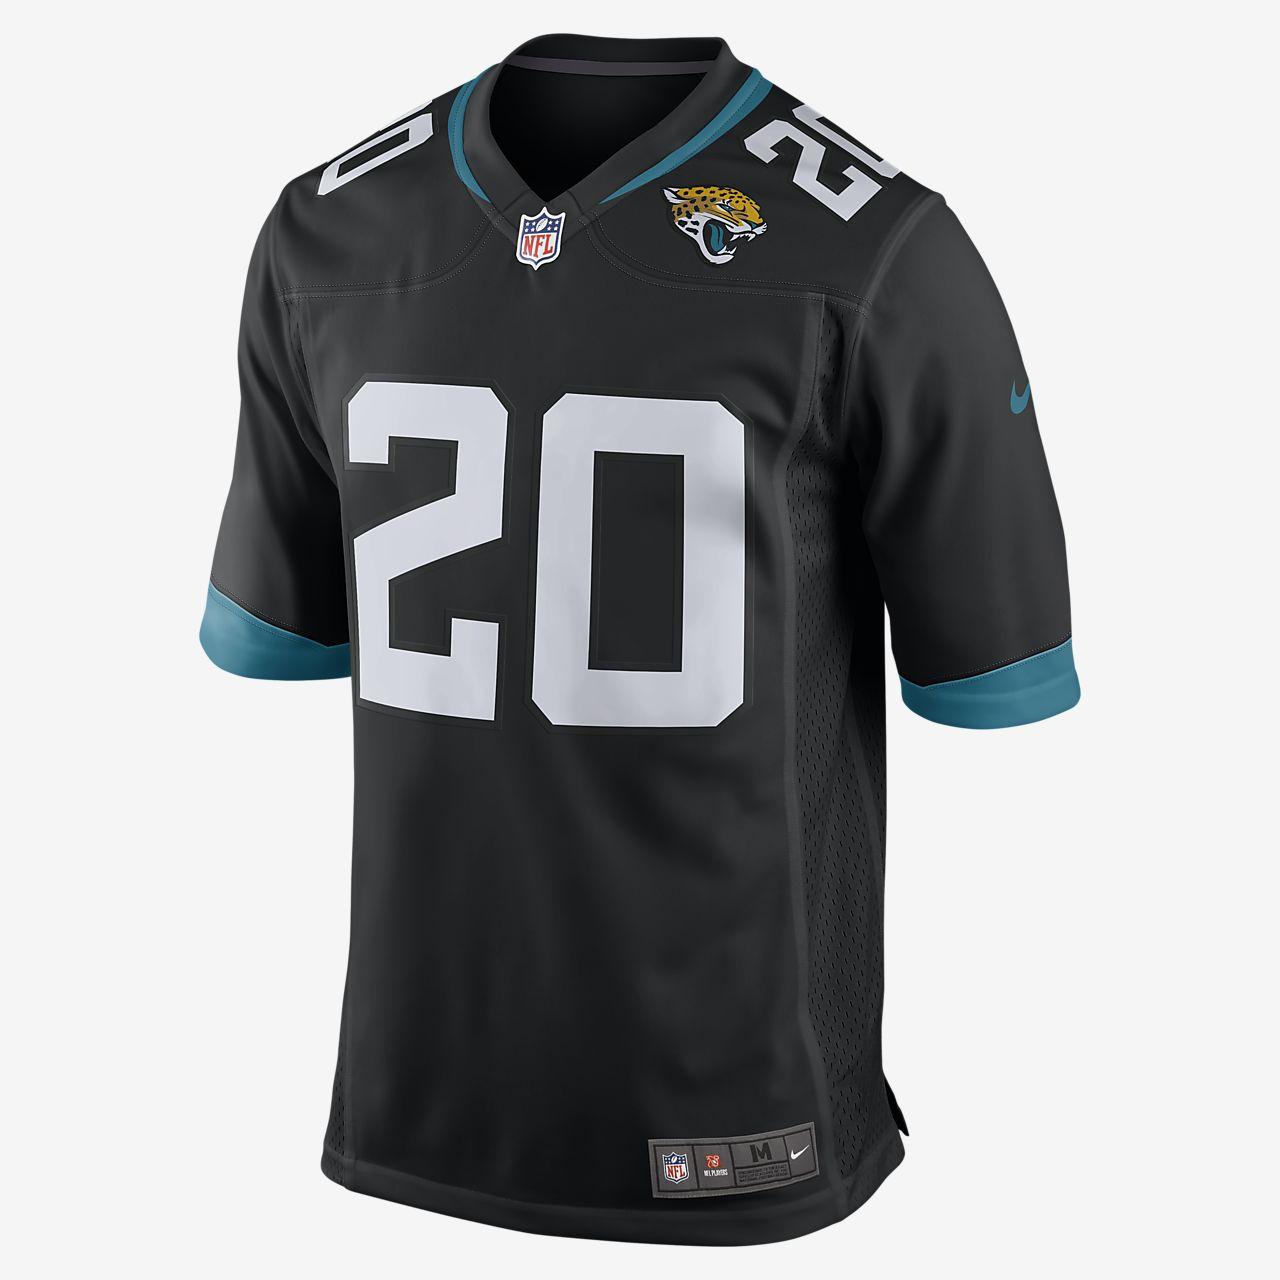 Ανδρική φανέλα αμερικανικού ποδοσφαίρου NFL Jacksonville Jaguars Game (Jalen Ramsey)